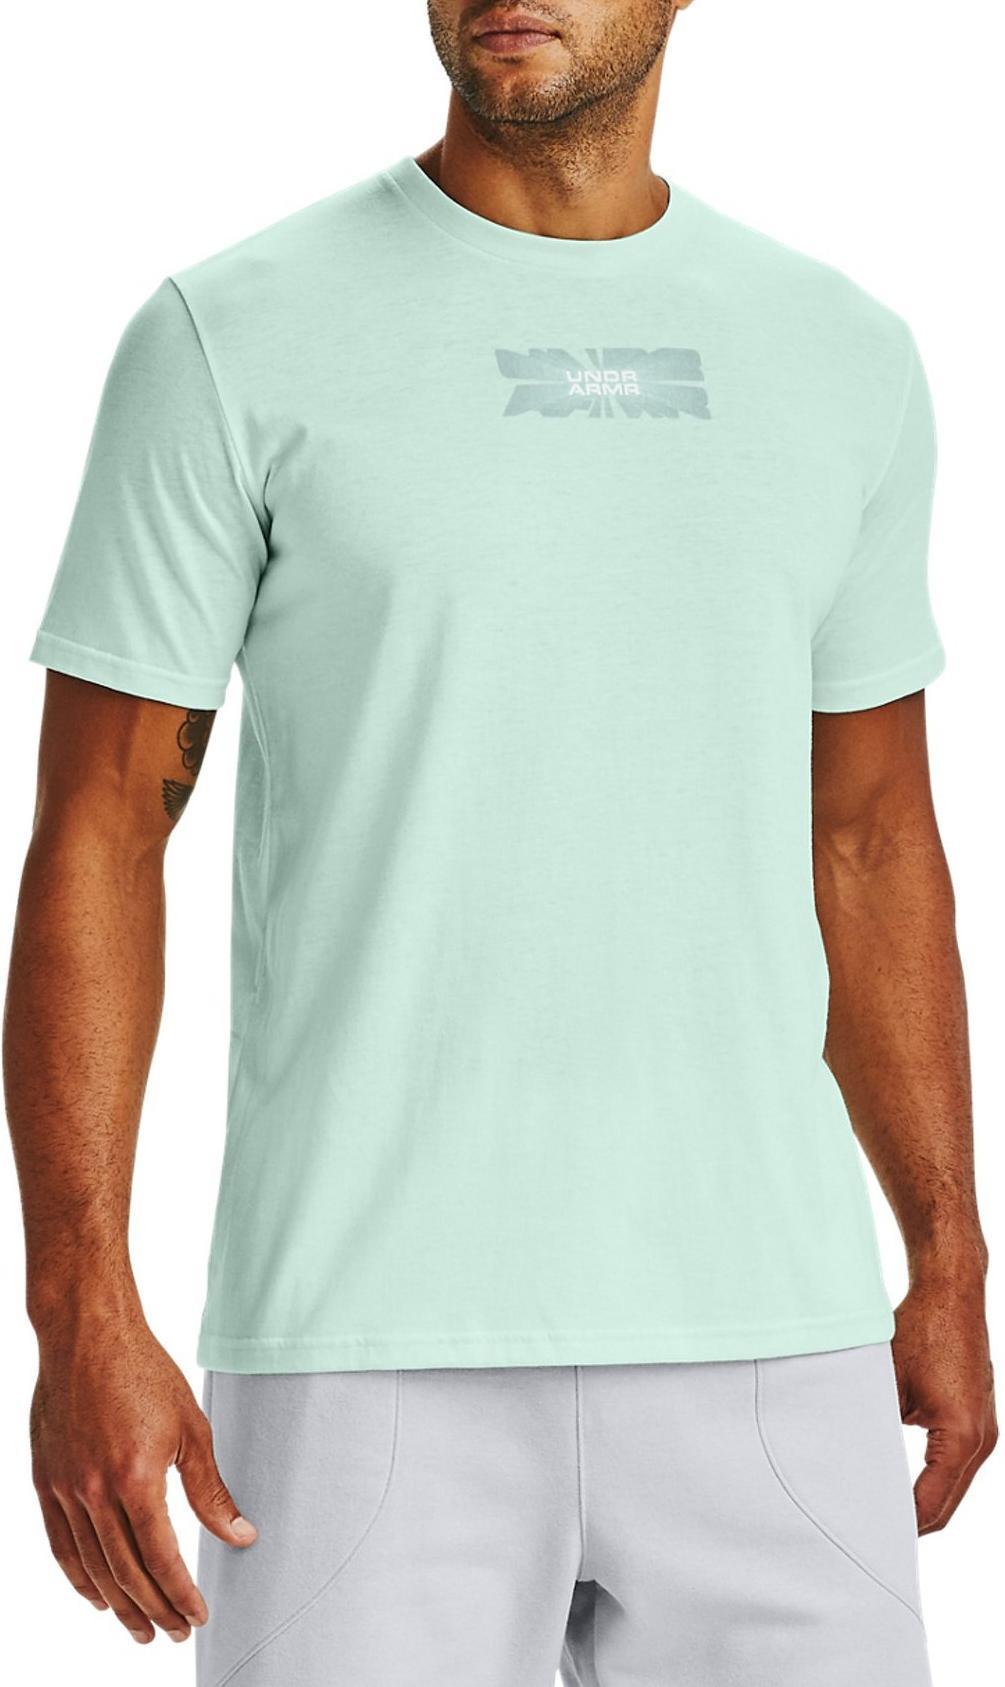 aceleración camino igualdad  Camiseta Under Armour UA BASKETBALL GRAPHIC TEE - Top4Running.es